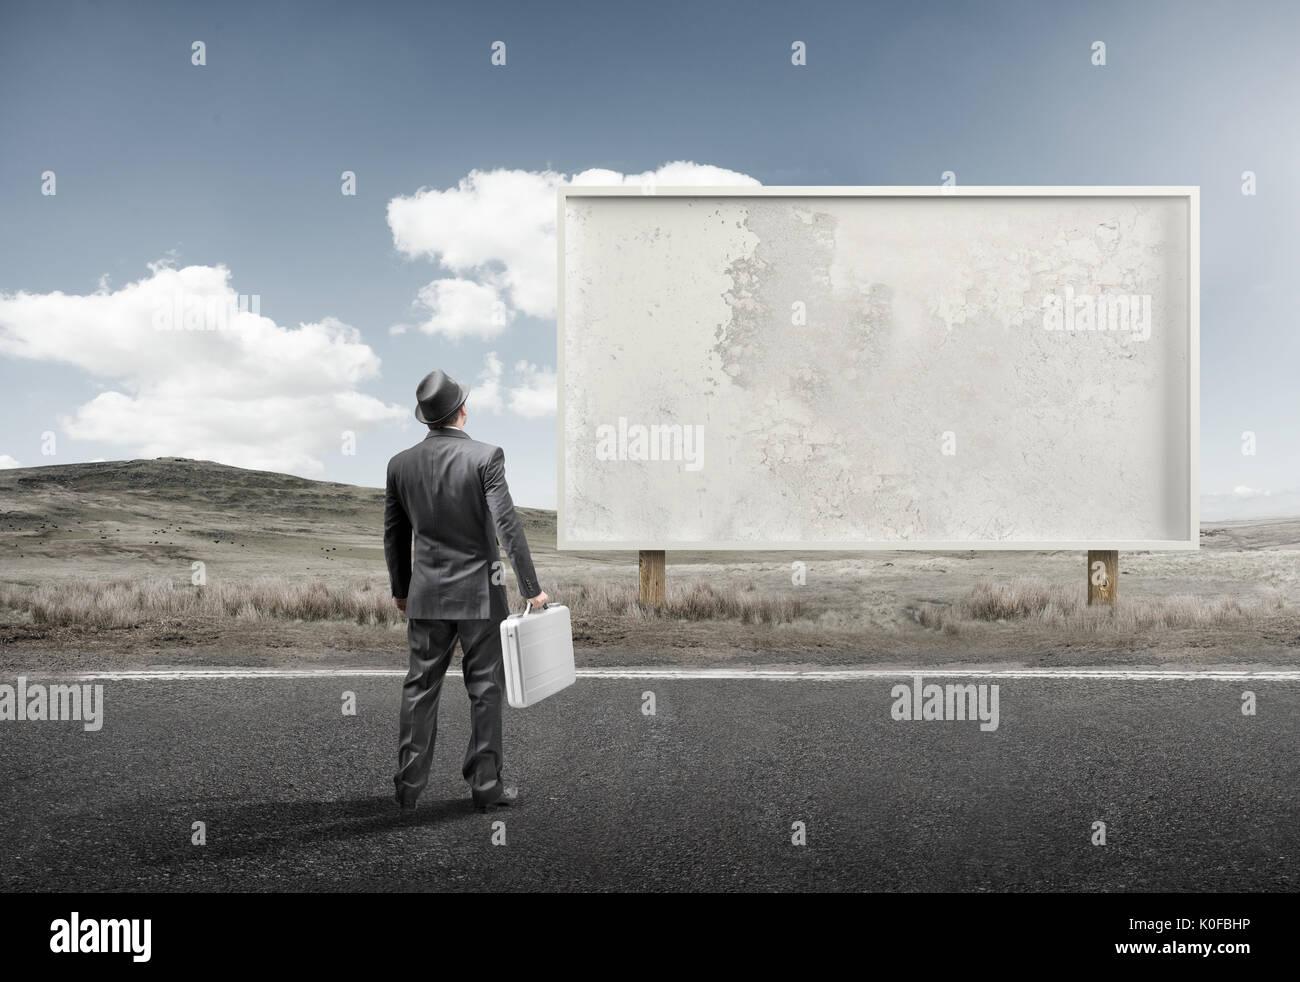 Un hombre de negocios de pie y mirando a un cartel publicitario en blanco. Foto de stock